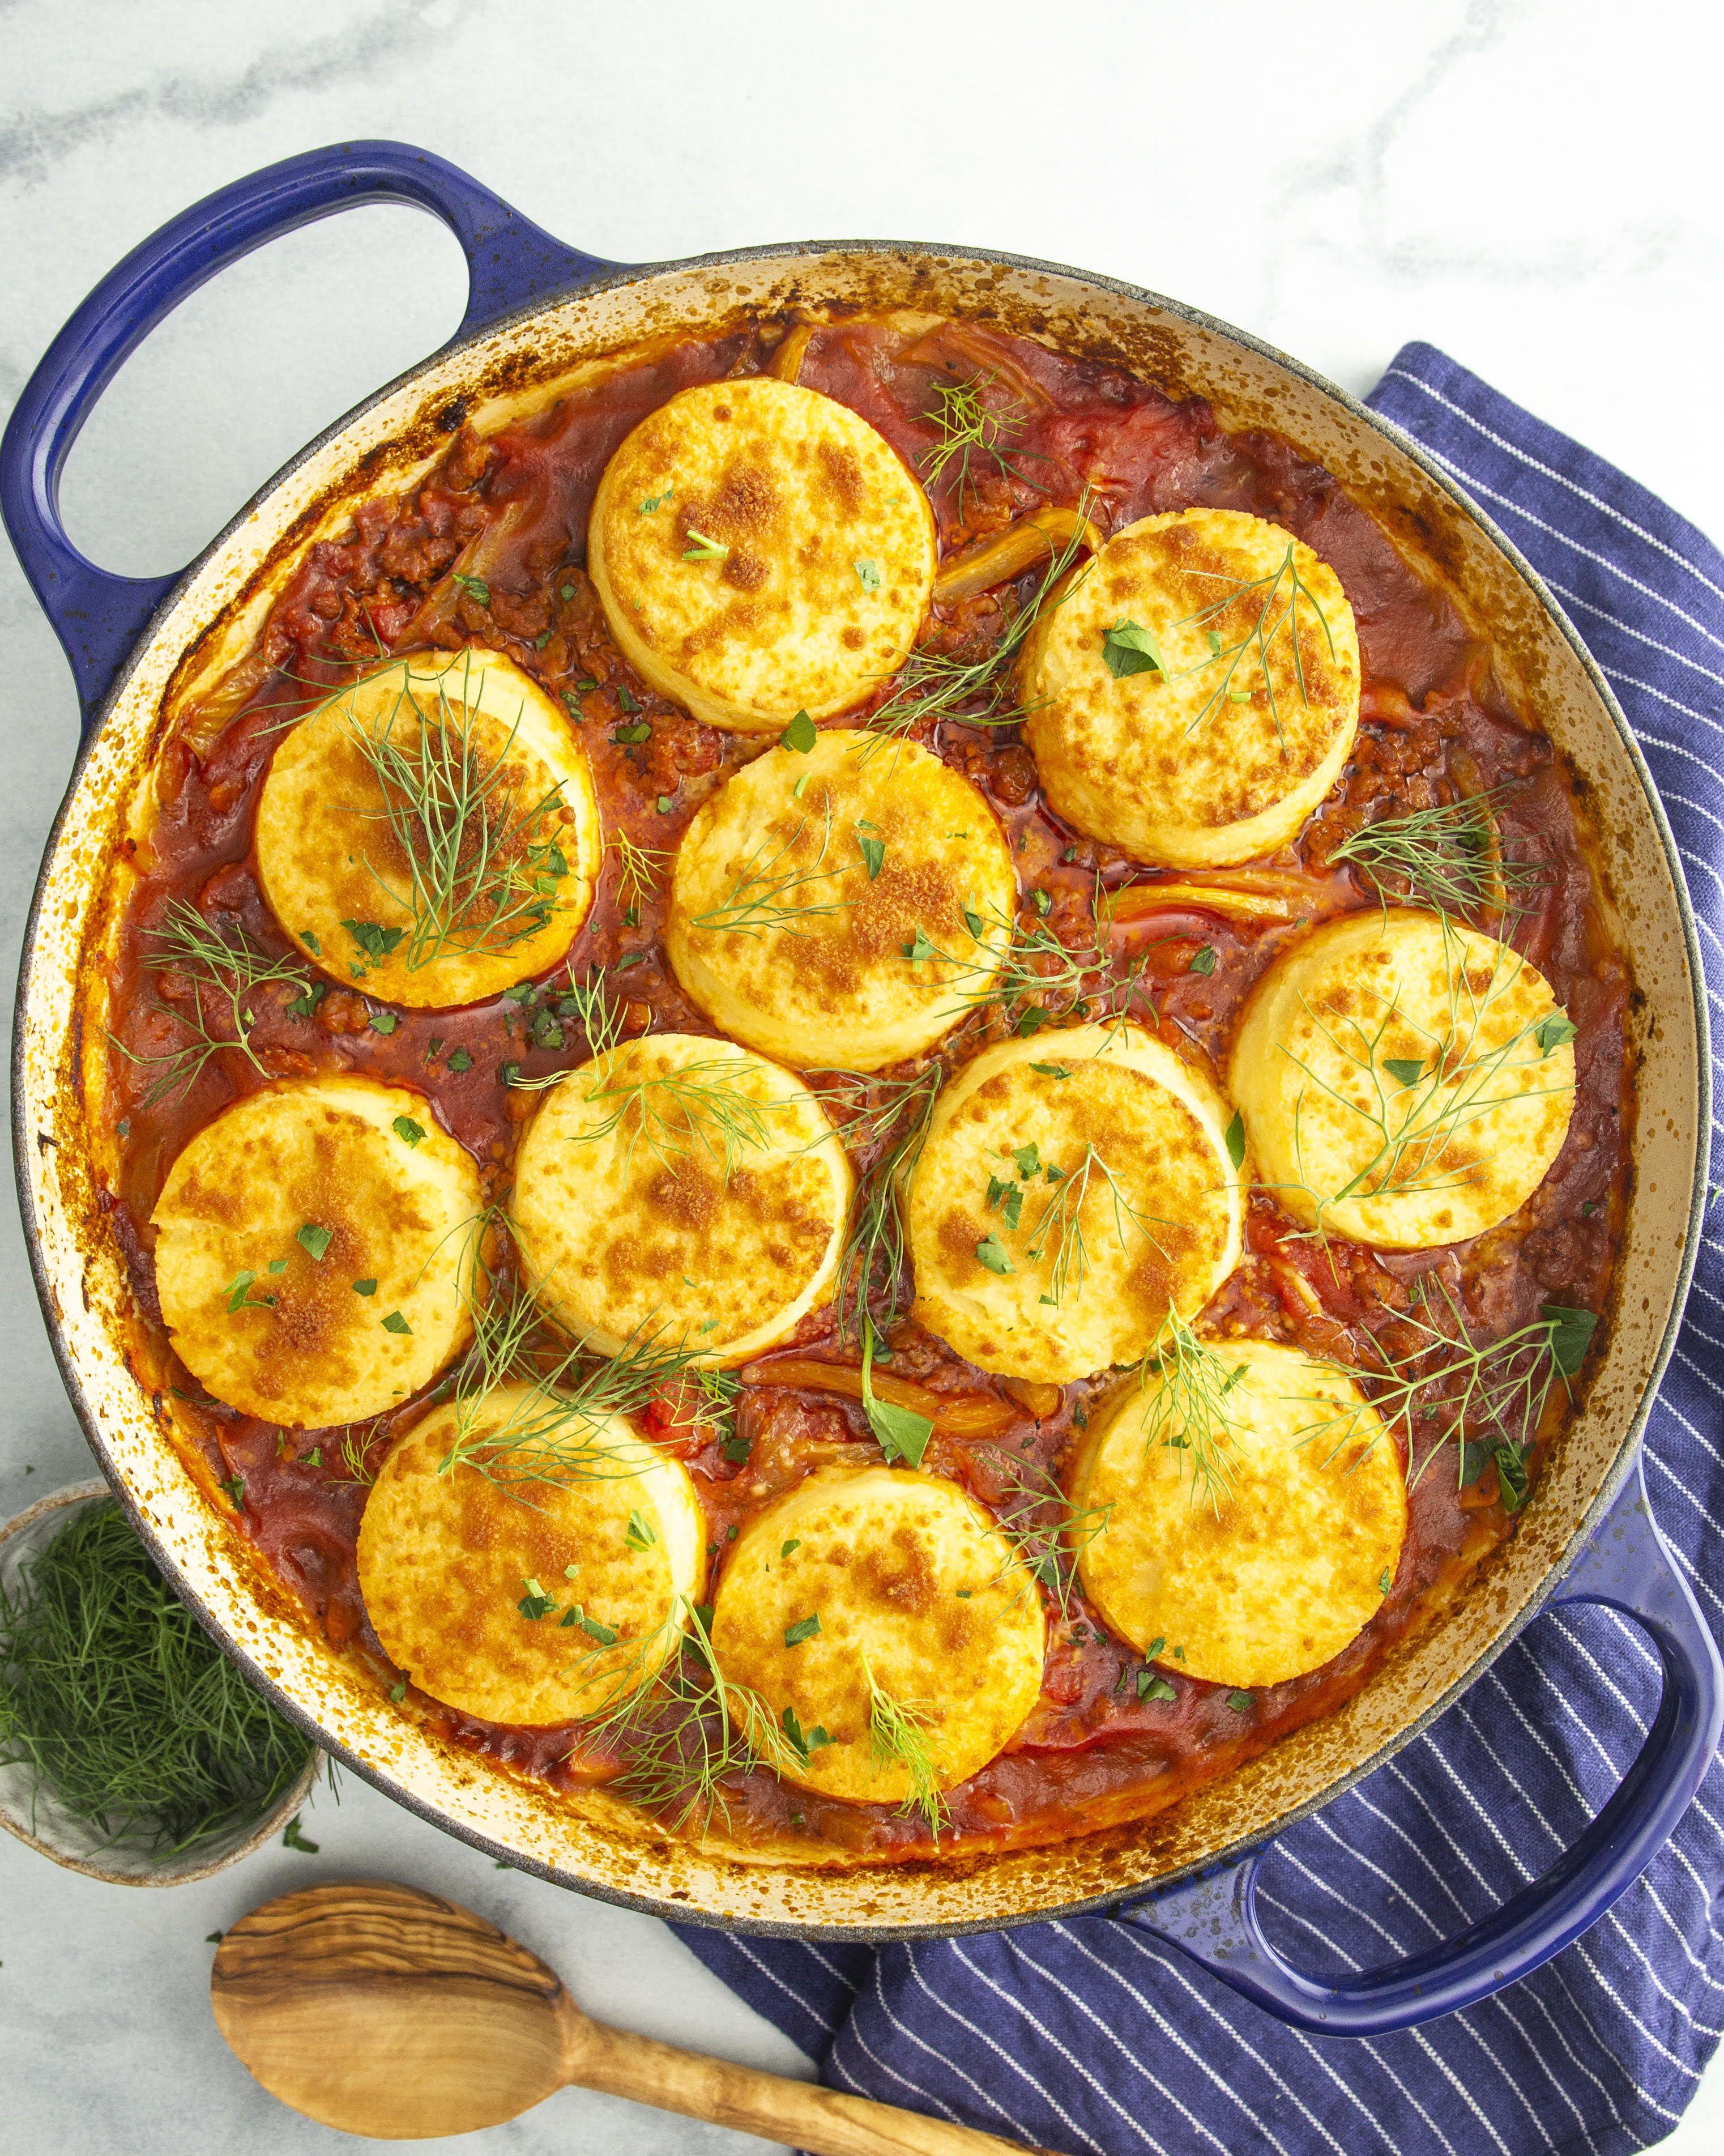 Sausage and Fennel Ragu Casserole with Gnocchi Alla Romana